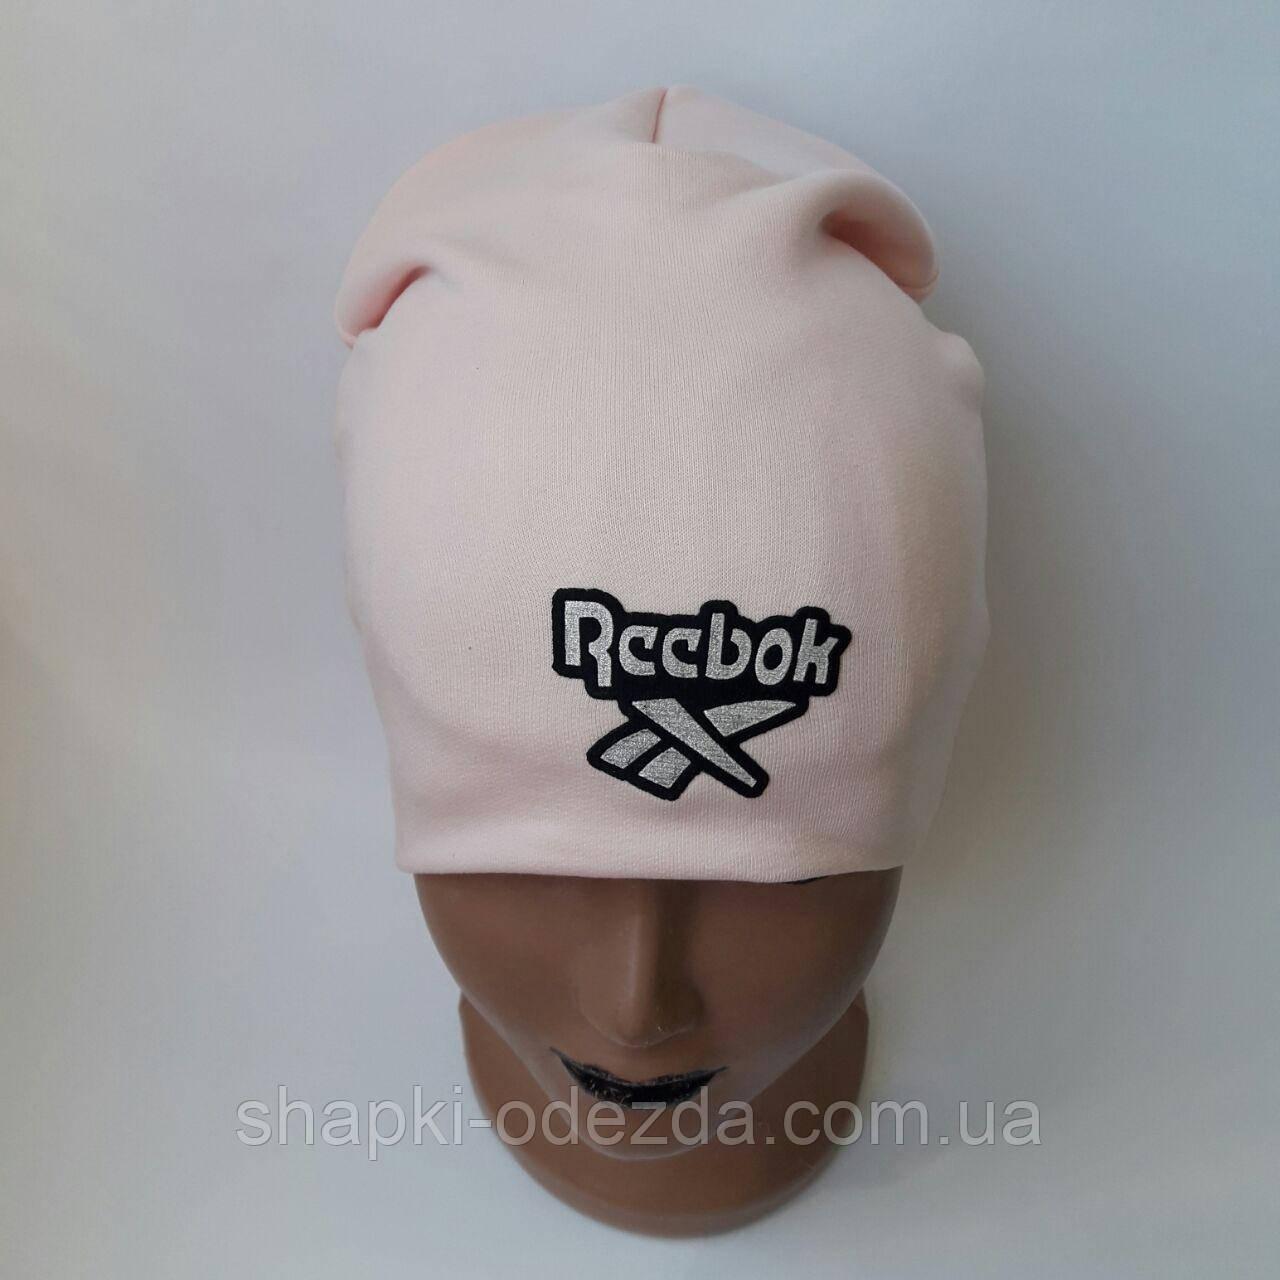 Трикотажная двойная подростковая удлиненная шапка для девочки 8-11 лет